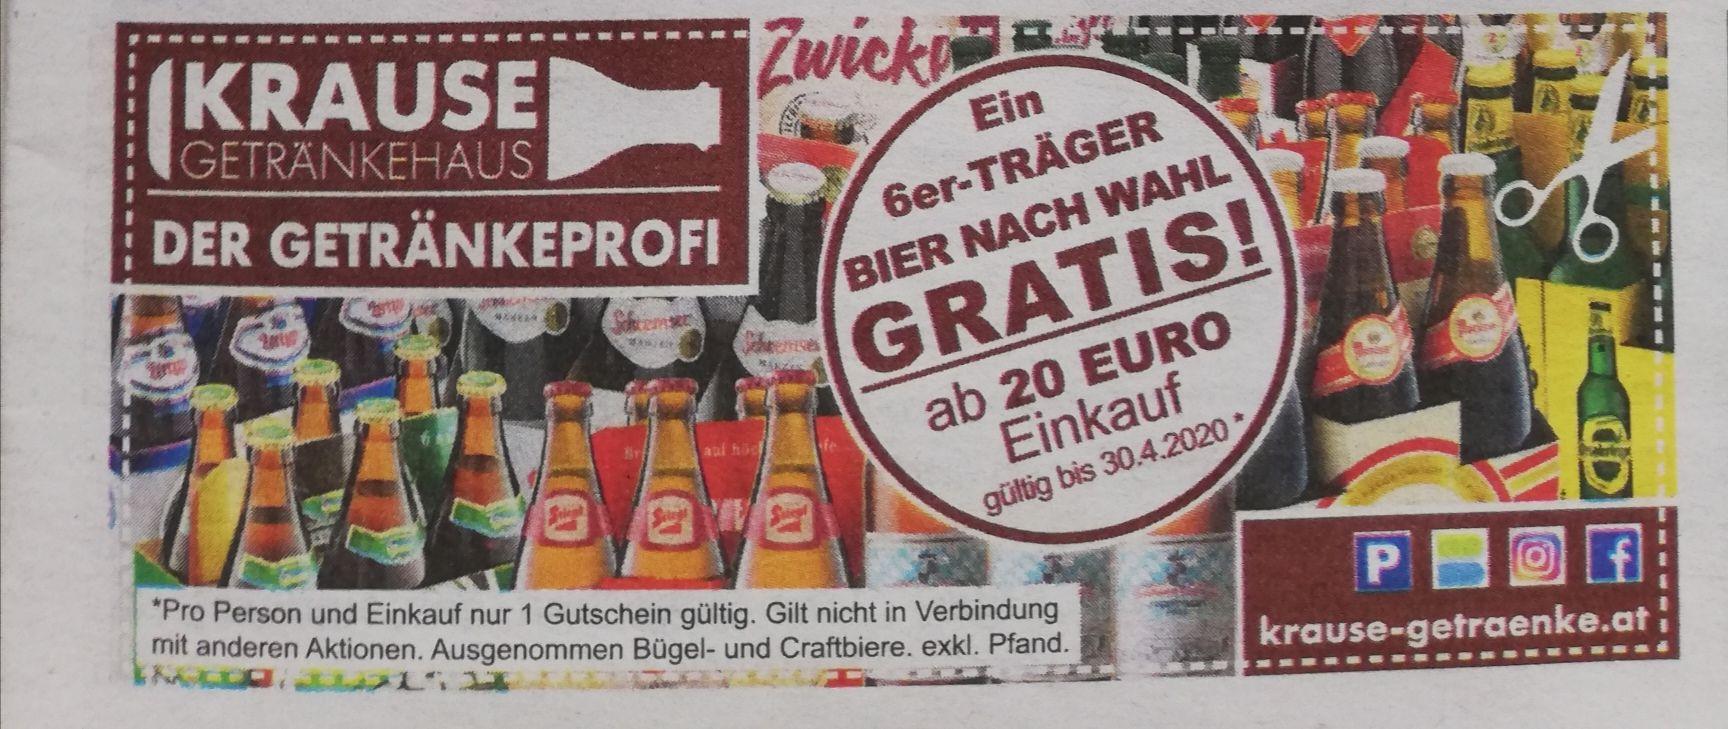 Ein 6er TrägerBier nach Wahl GRATIS ab 20 Euro Einkauf